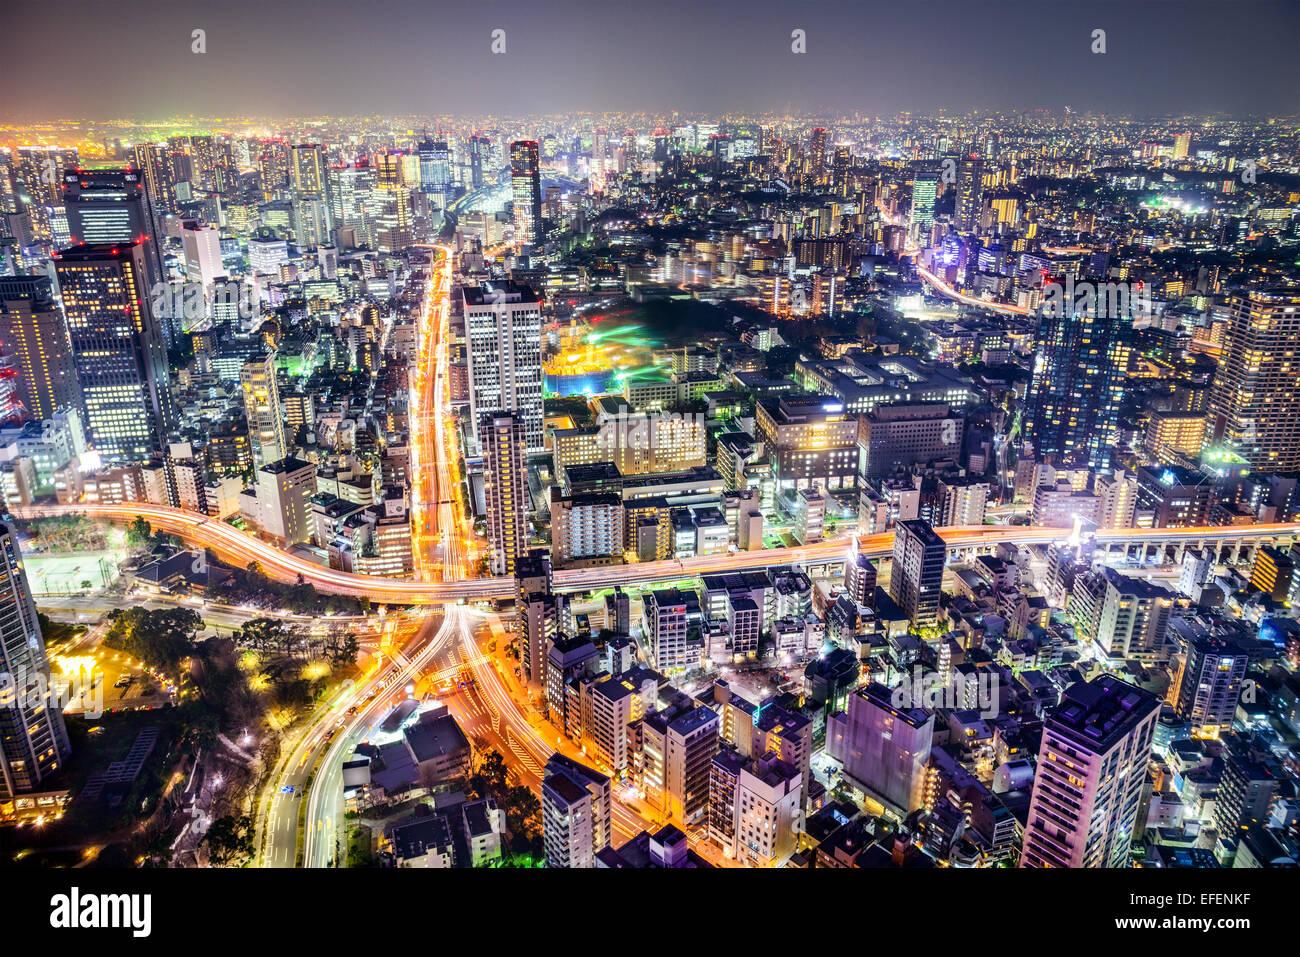 Tokyo, Giappone cityscape e autostrade. Immagini Stock